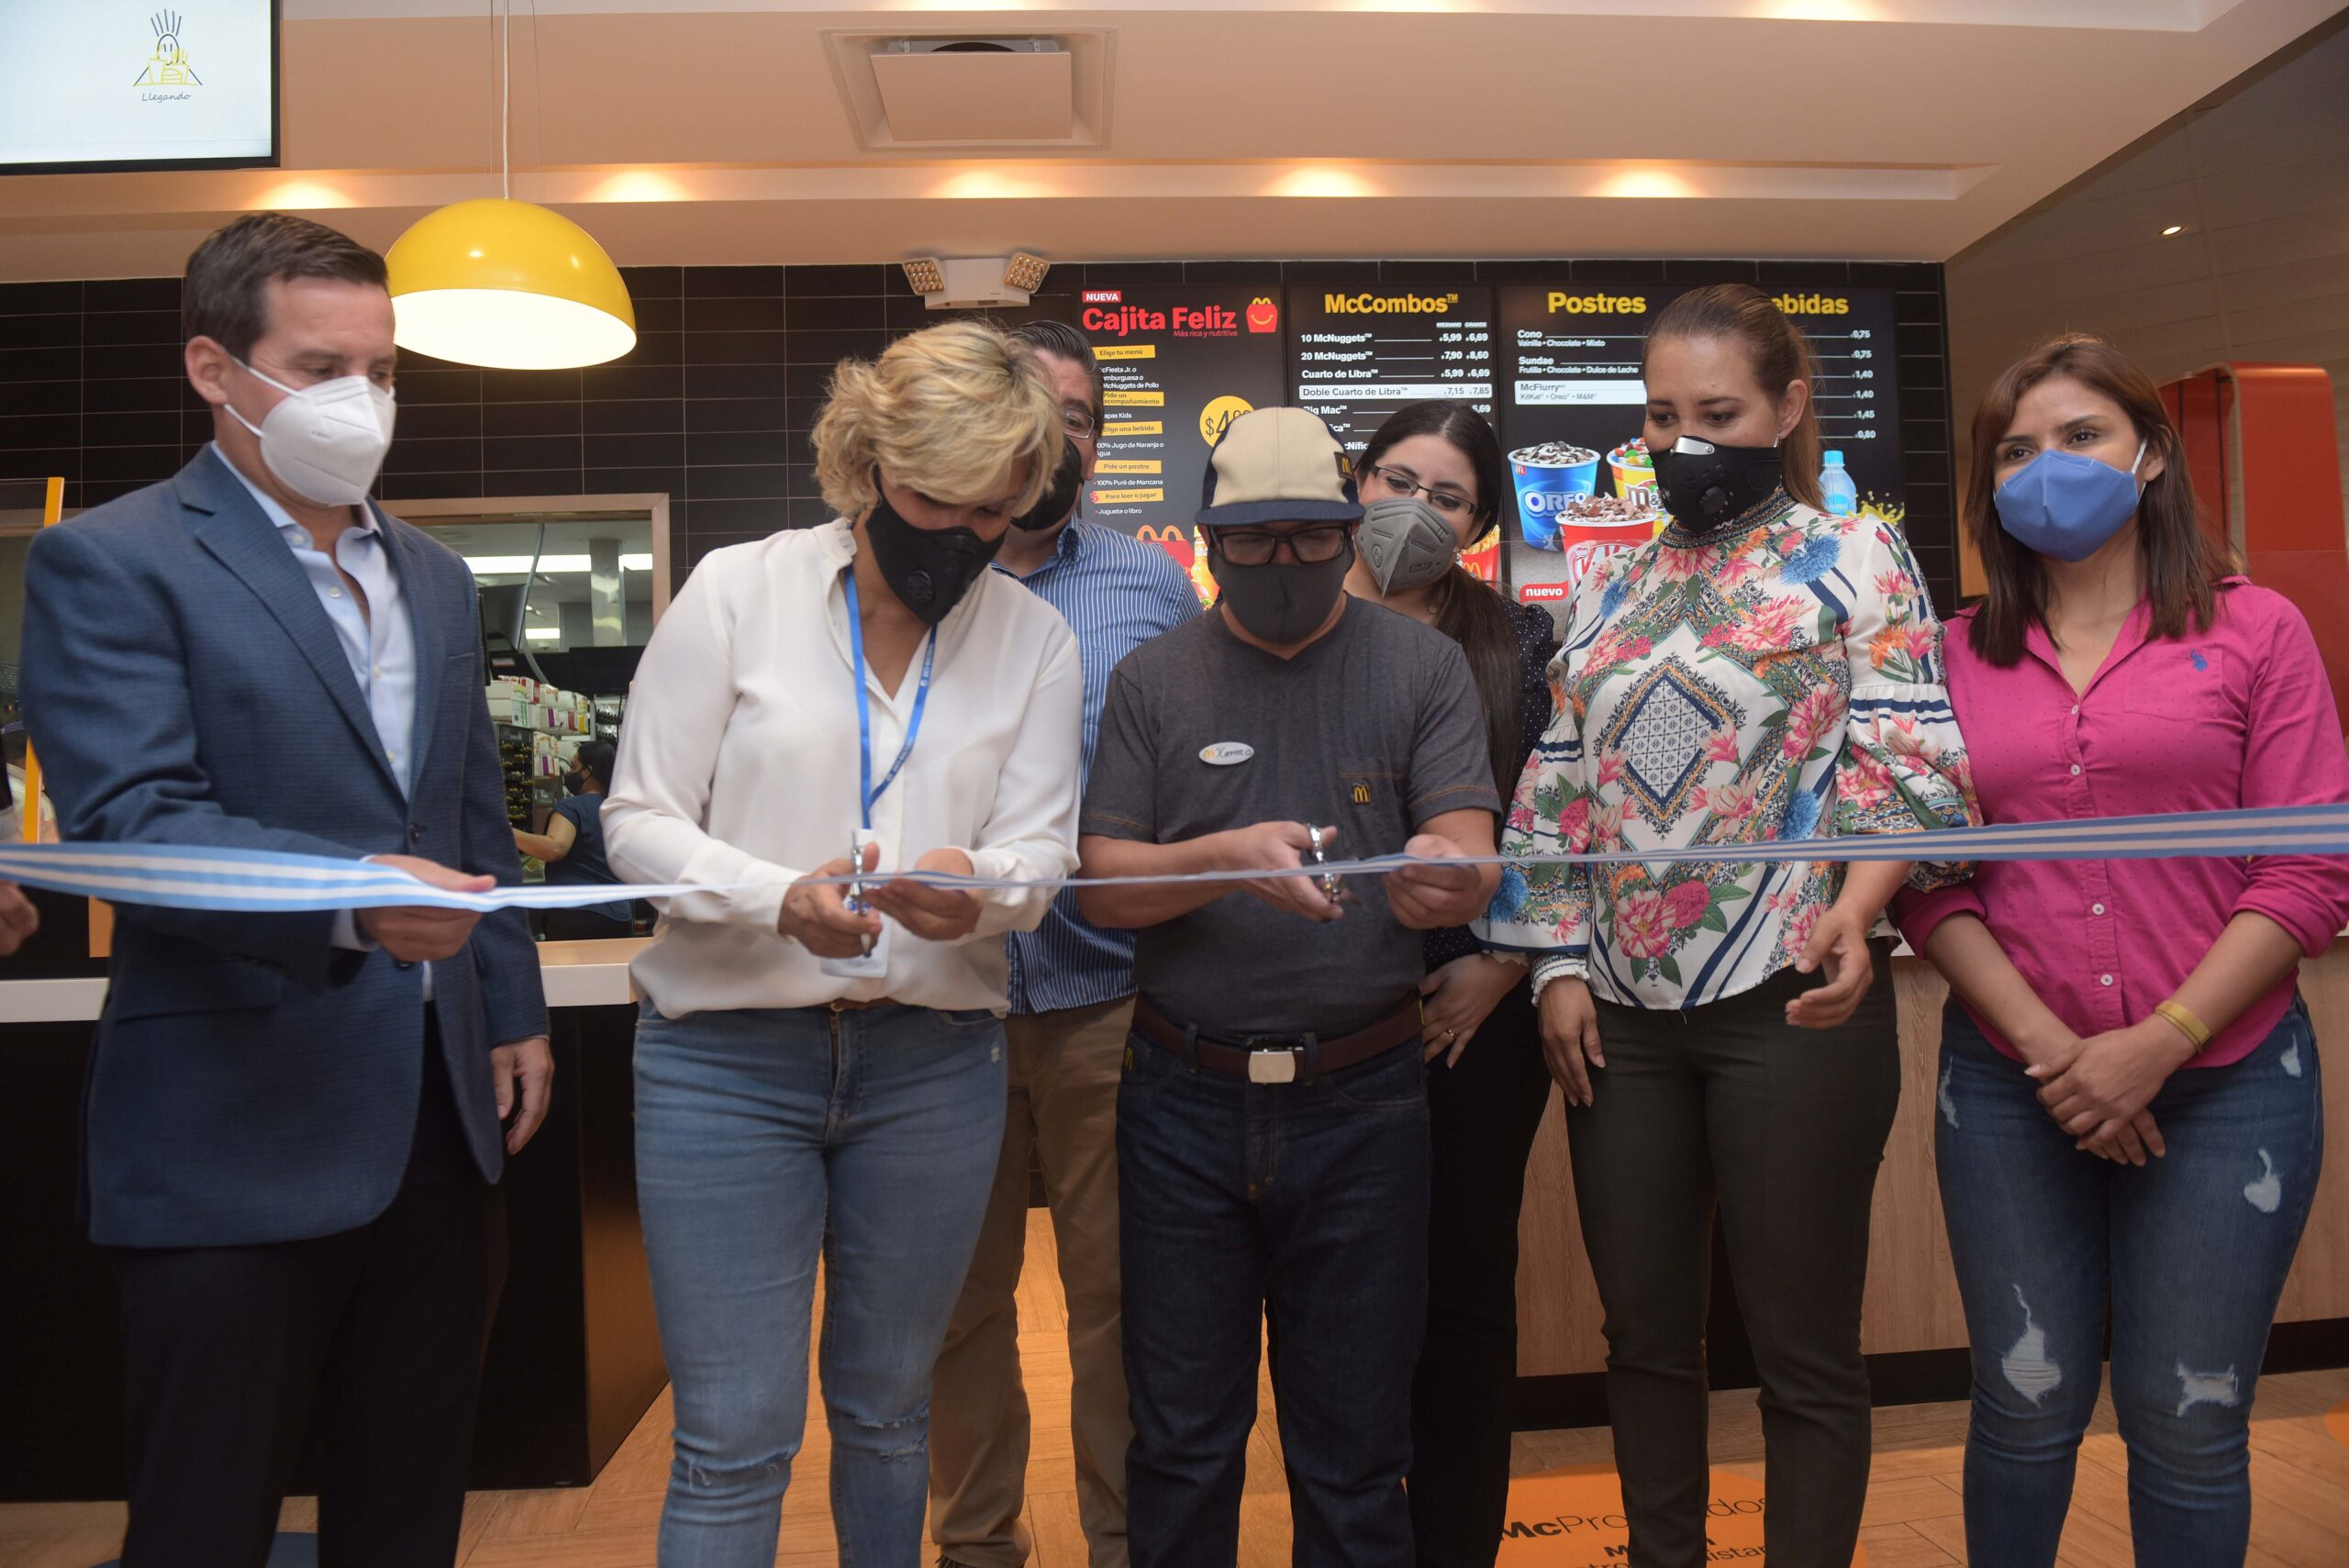 [Ecuador] McDonald's renueva restaurante durante la pandemia y continúa apostando en el país